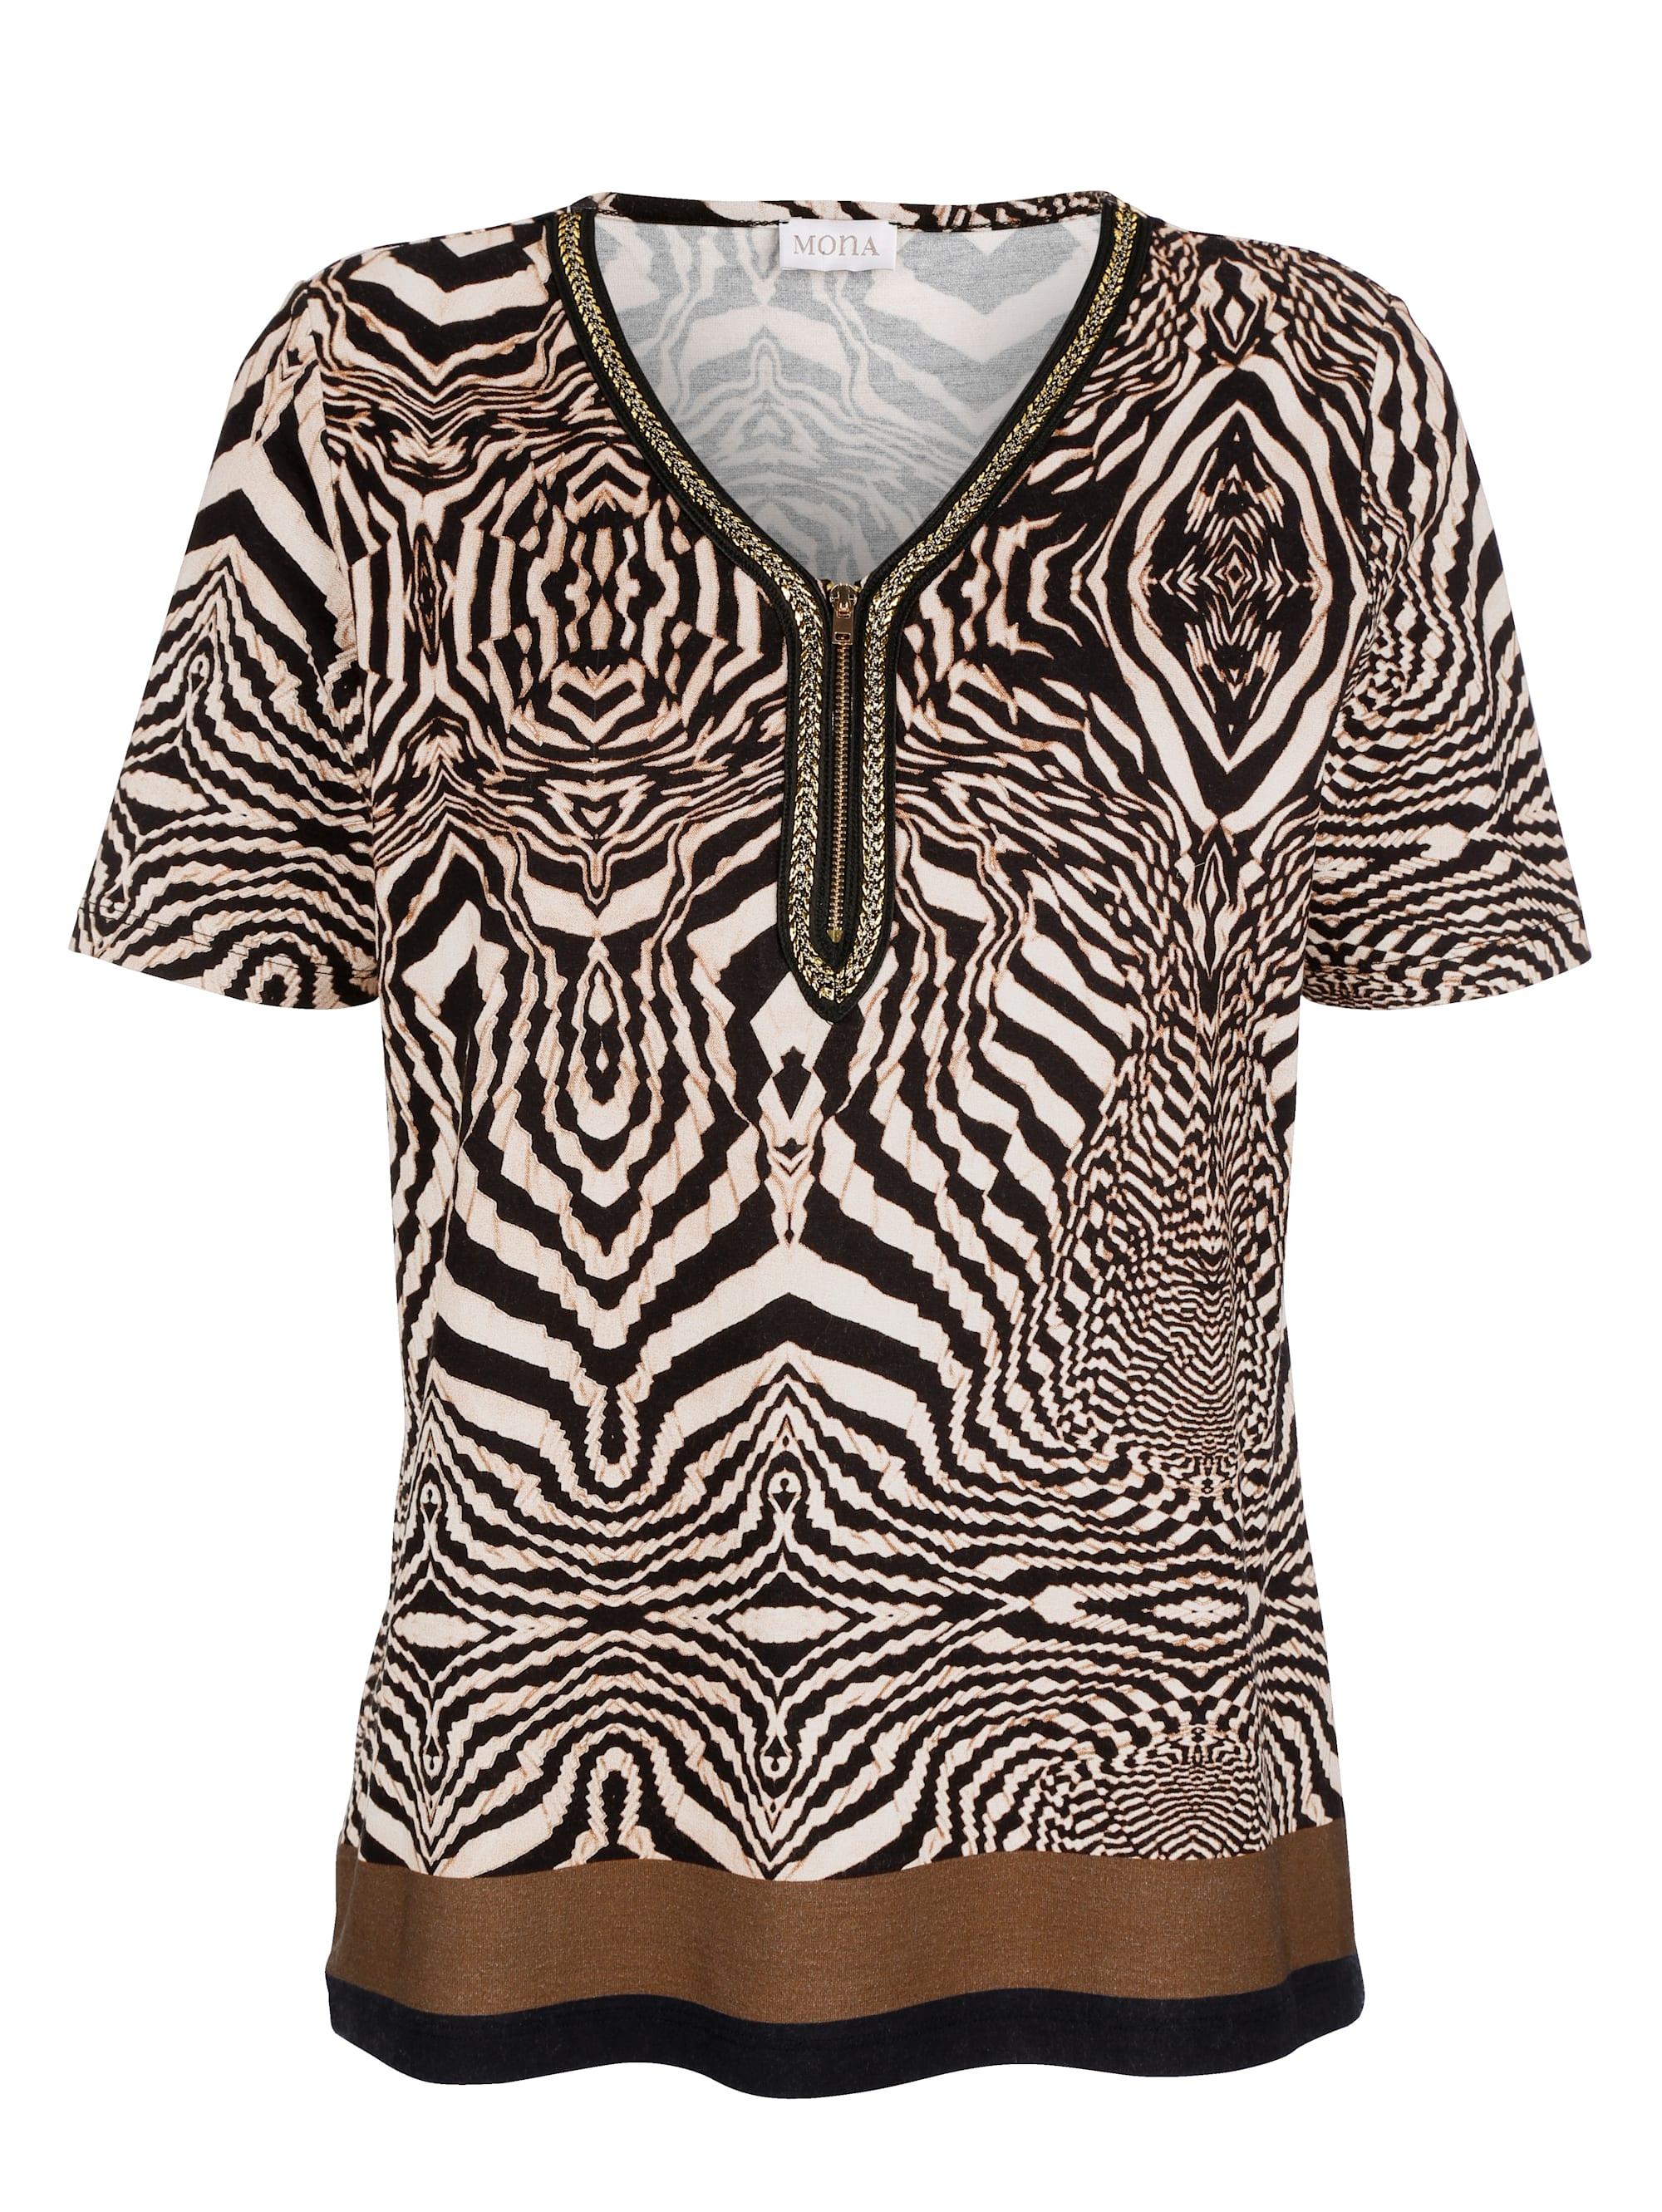 mona -  Kurzarmshirt, mit zierender Blende